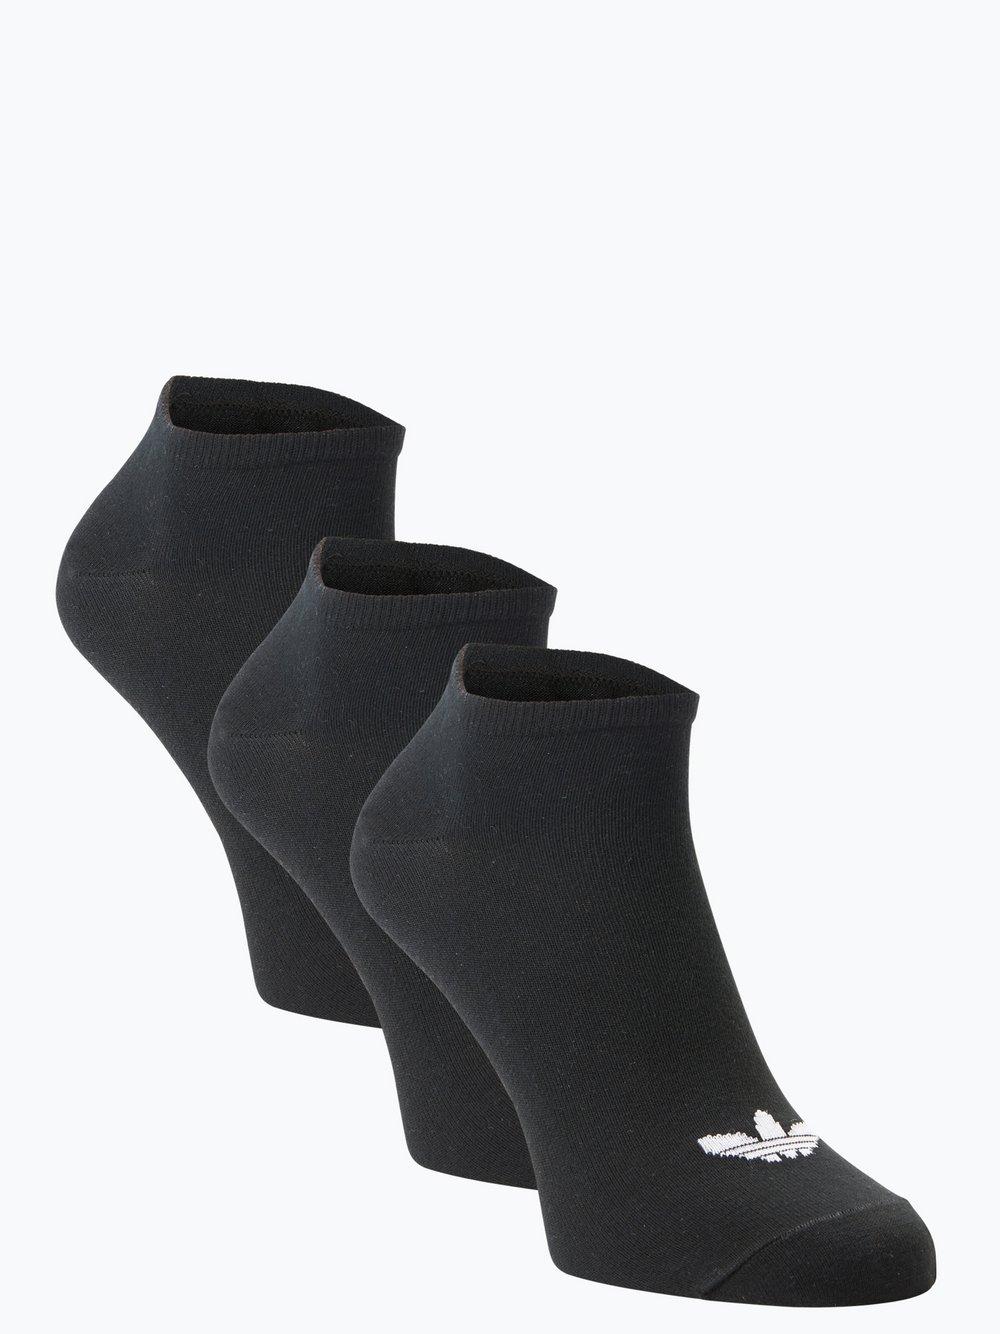 Obraz przedstawiający adidas Originals - Damskie skarpety do obuwia sportowego pakowane po 3 szt., czarny